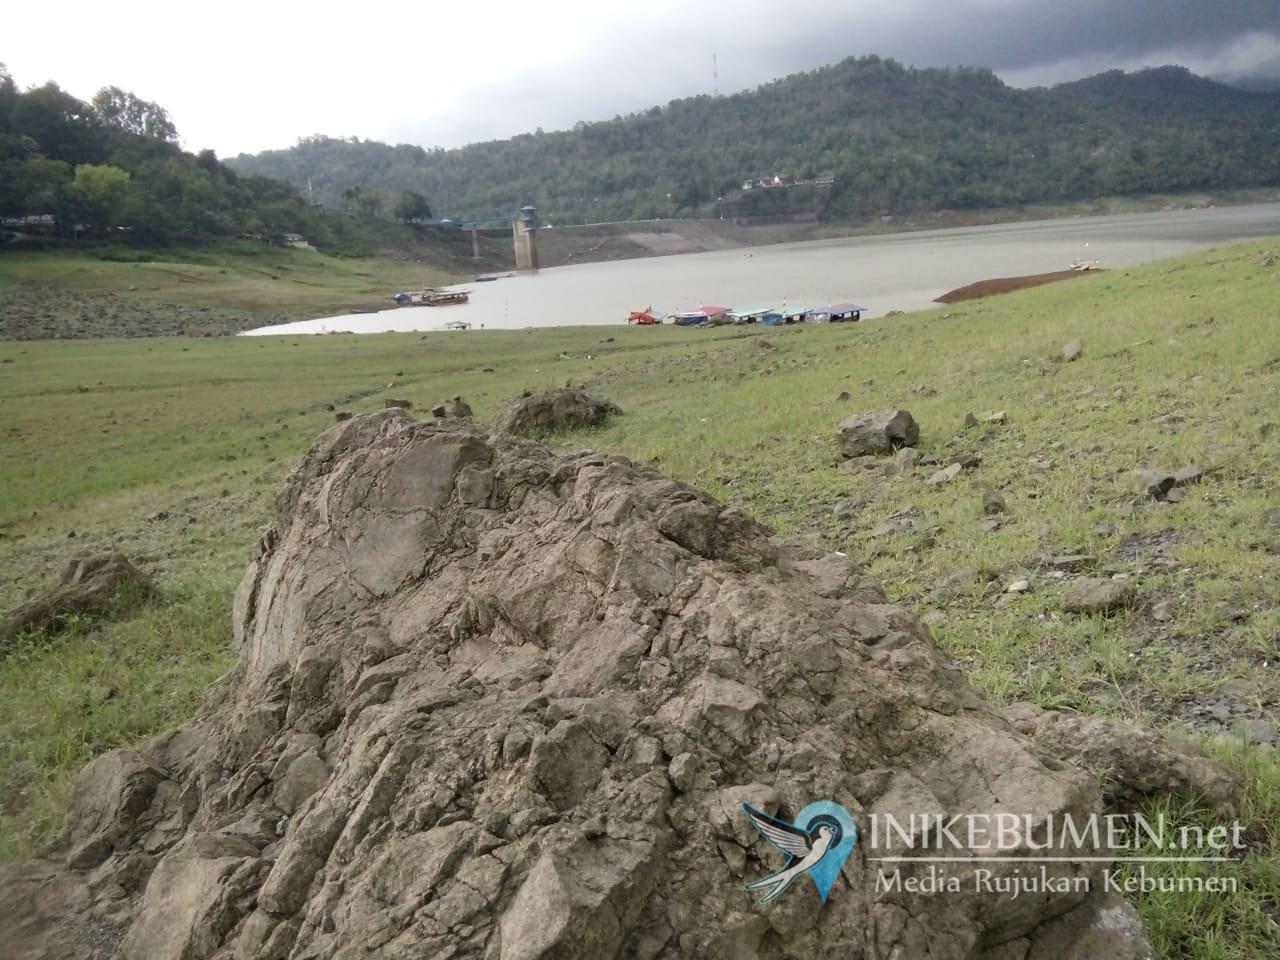 Masuk Kawasan Geopark Karangsambung Karangbolong, Pernah Ada Aktivitas Gunung Api Purba di Sempor